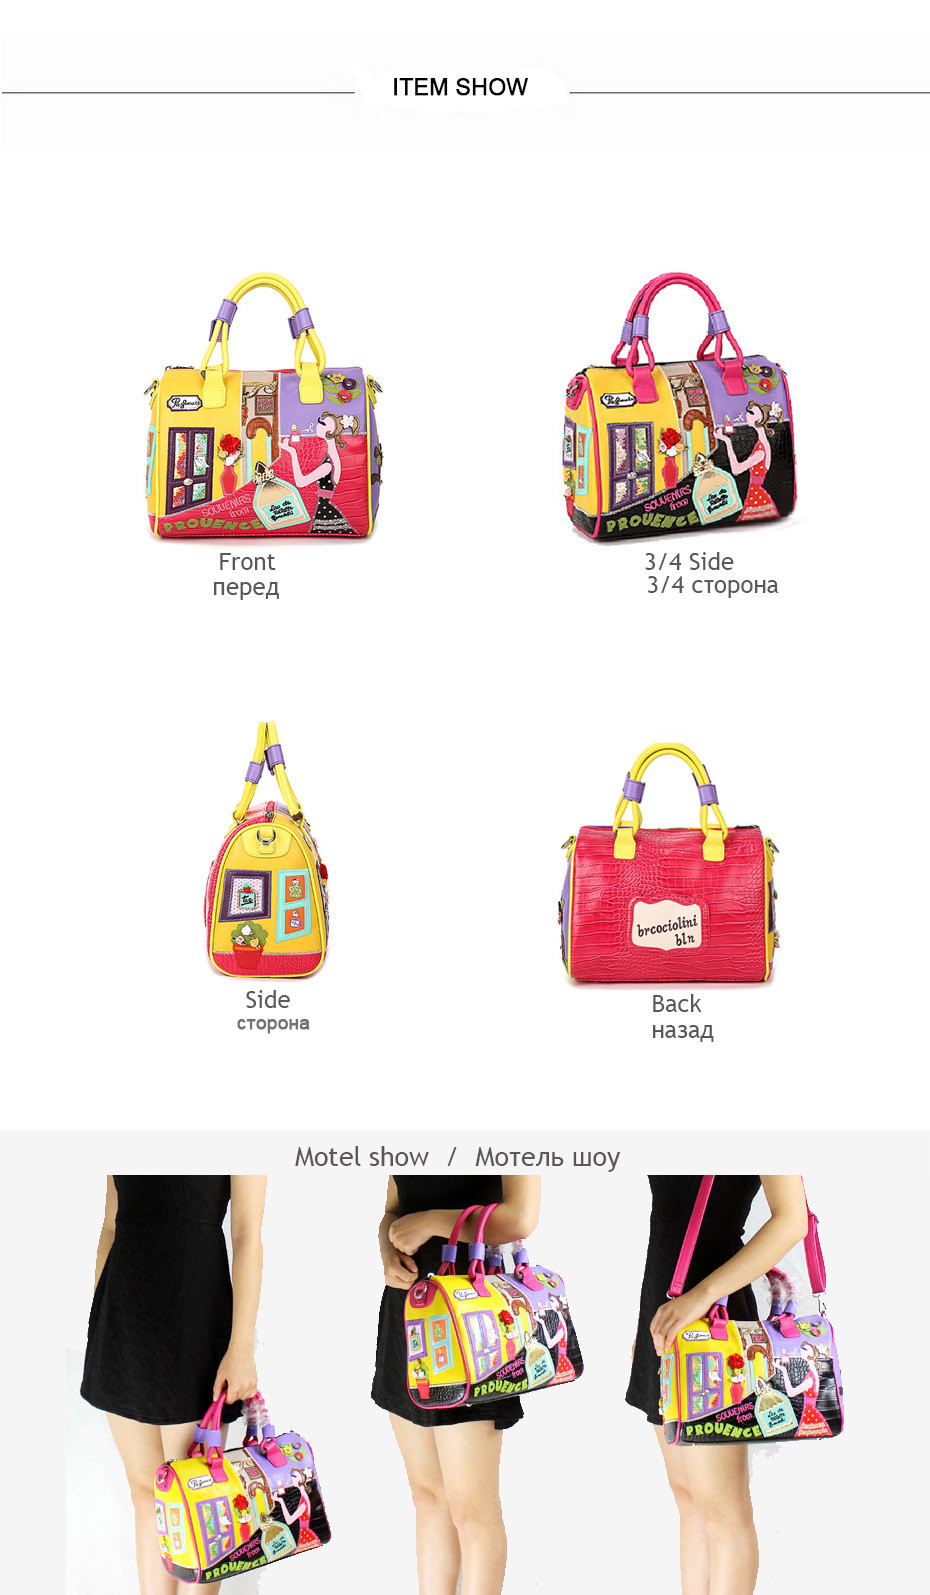 a6fc527ab9 Women Shoulder Bag tote Handbag sac a main borse designer bolsas ...